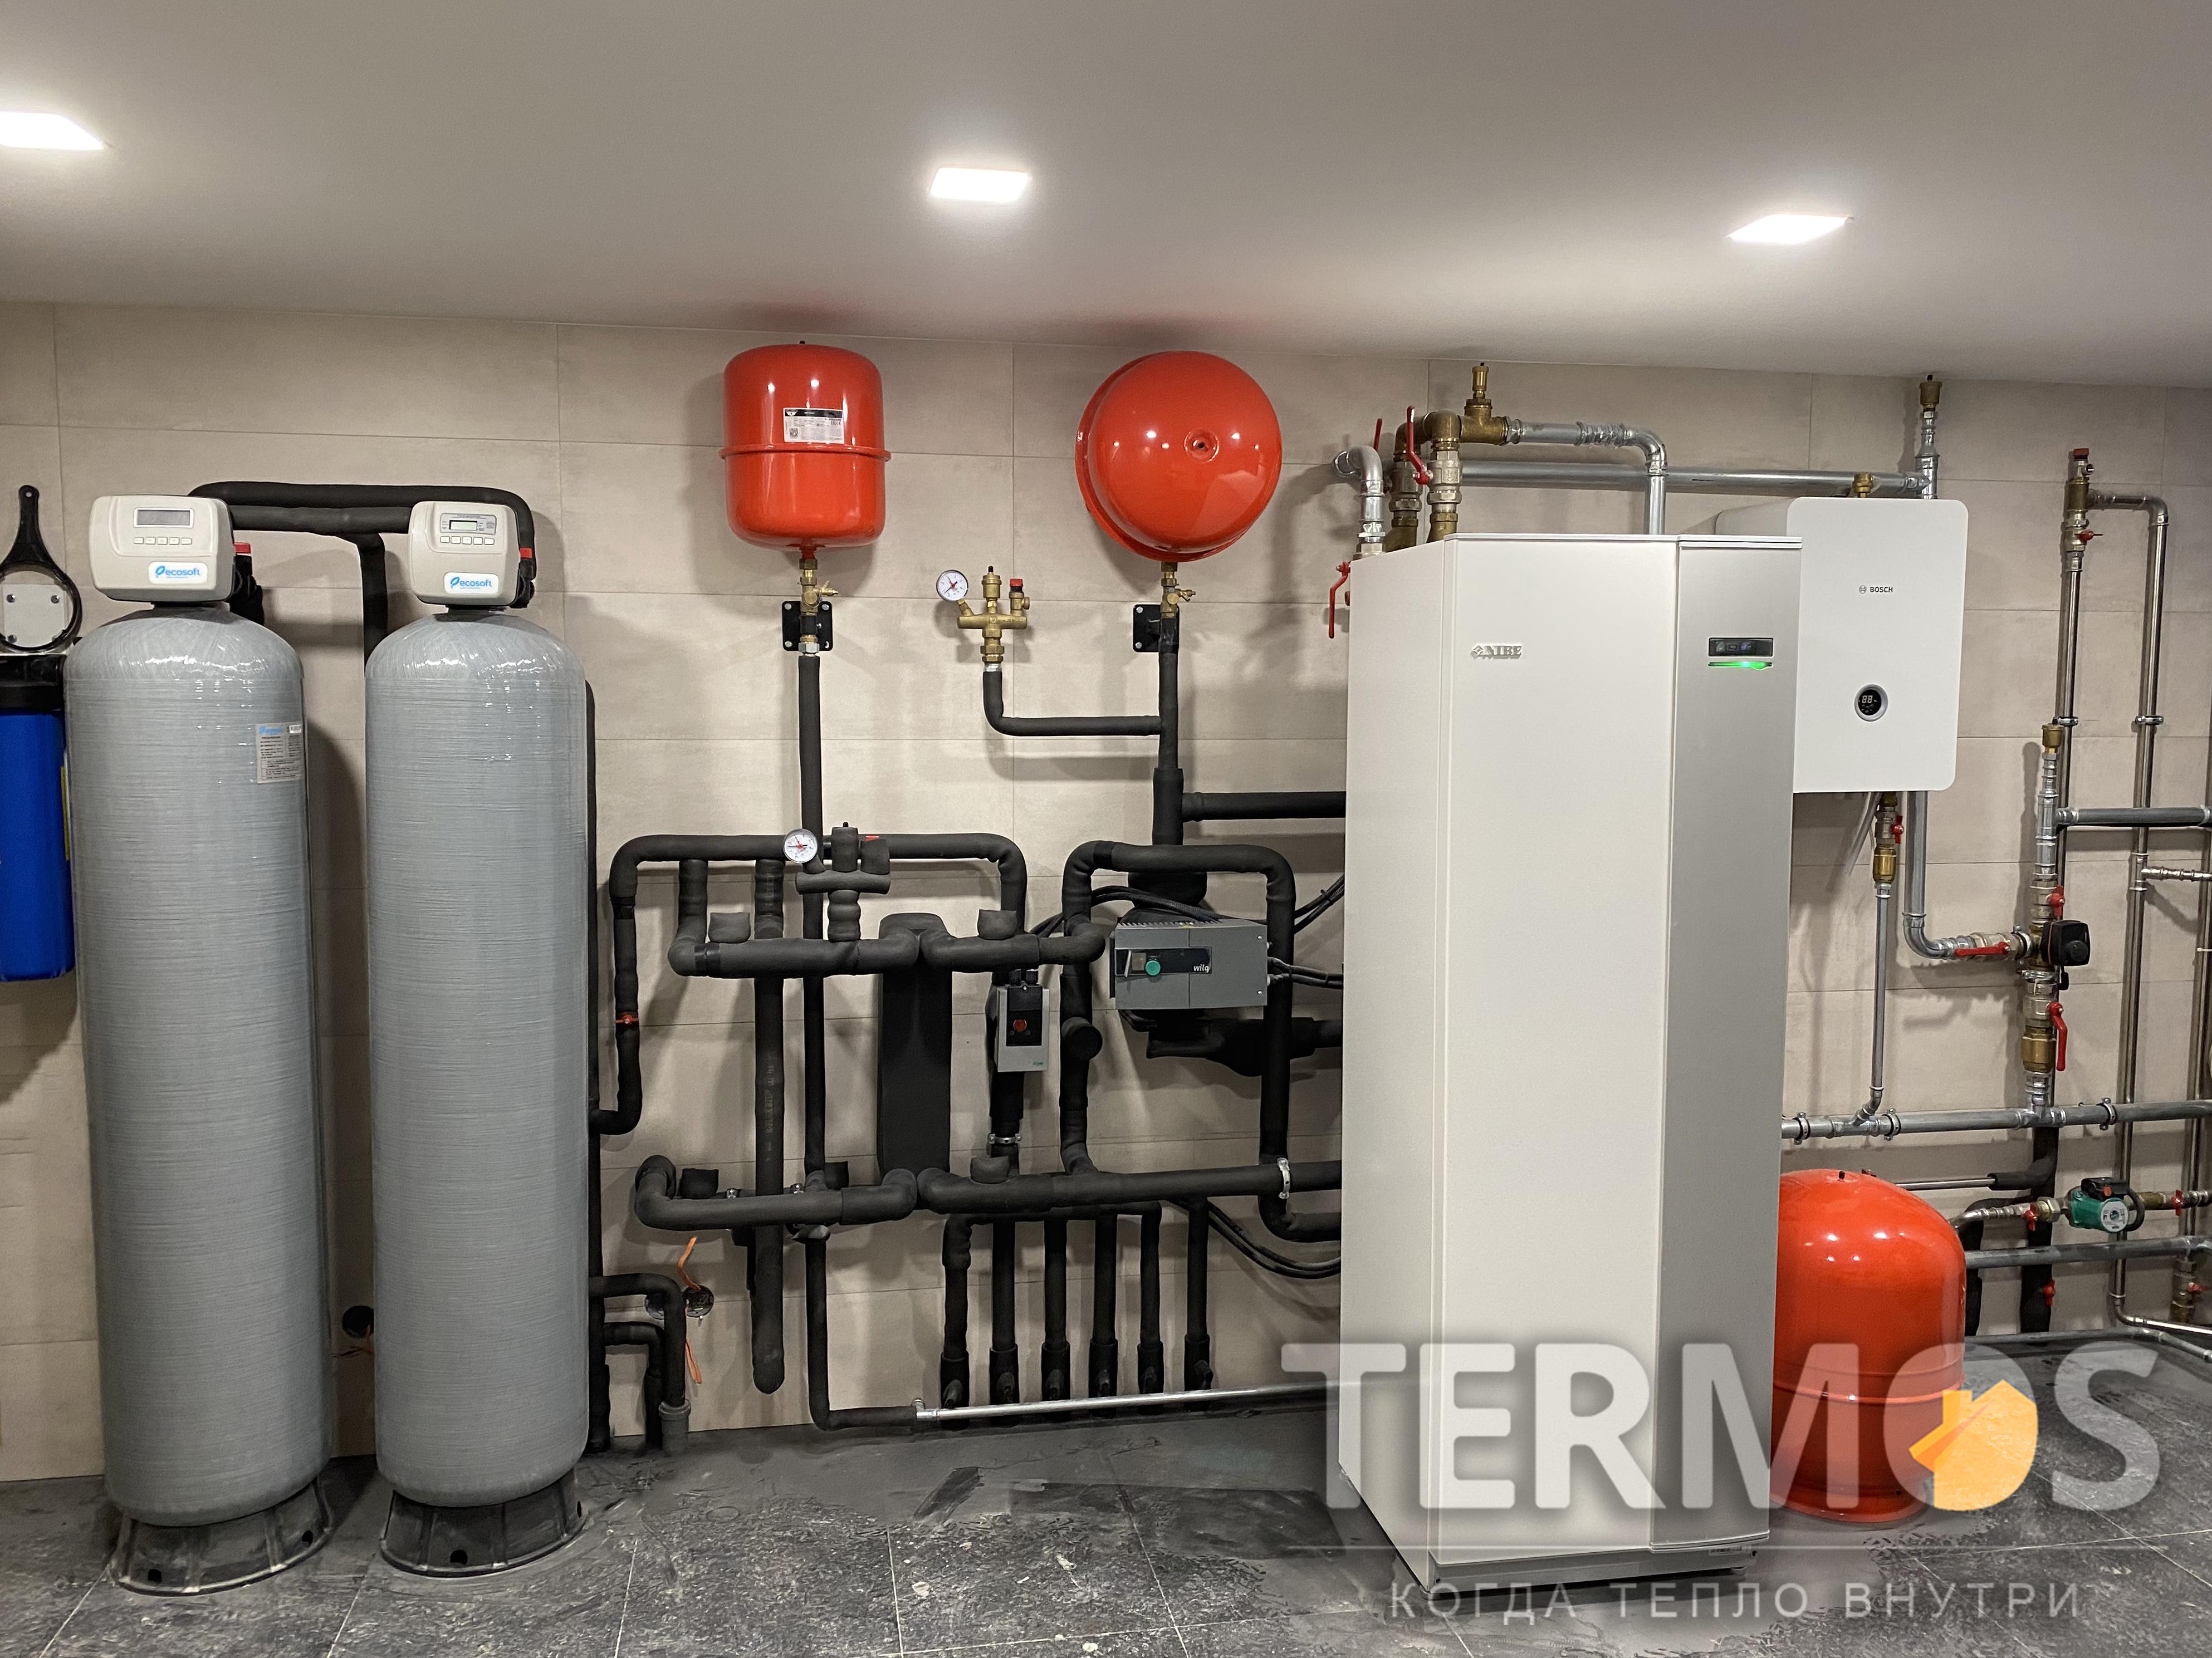 Дом 700 кв м, бассейн. Тепловой насос NIBE (Швеция) 40  кВт, с пассивным /активным охлаждением, 12 геотермальных скважин по 70 м.